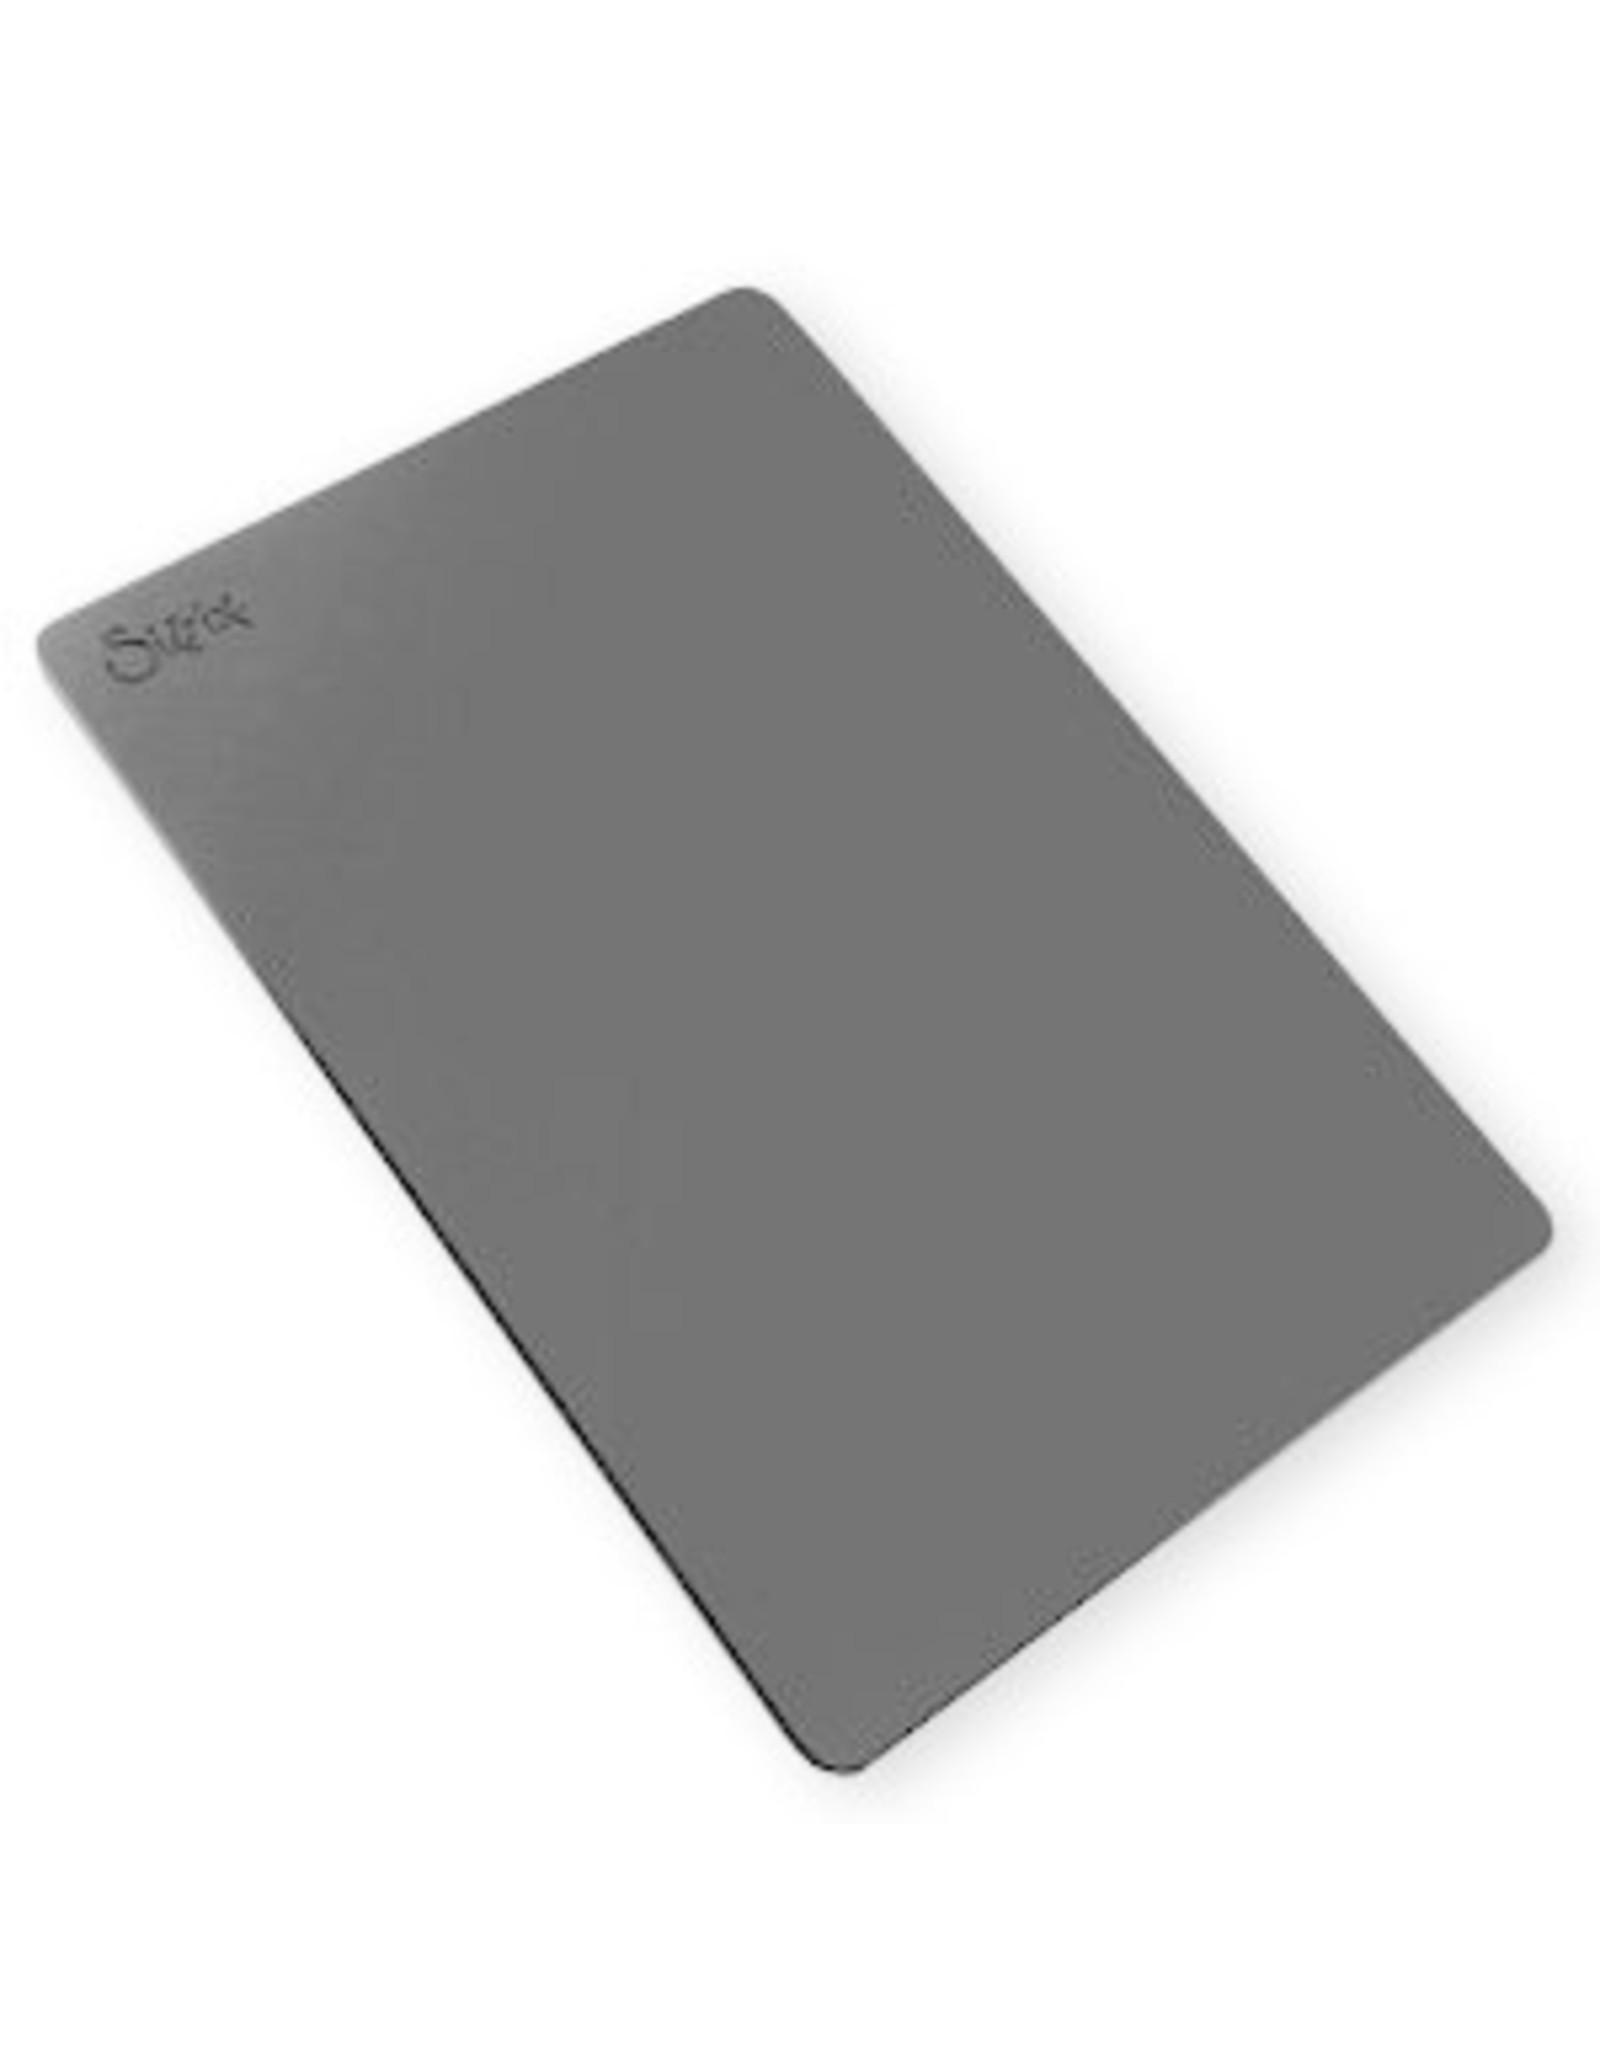 Ellison/Sizzix Premium Crease Pad